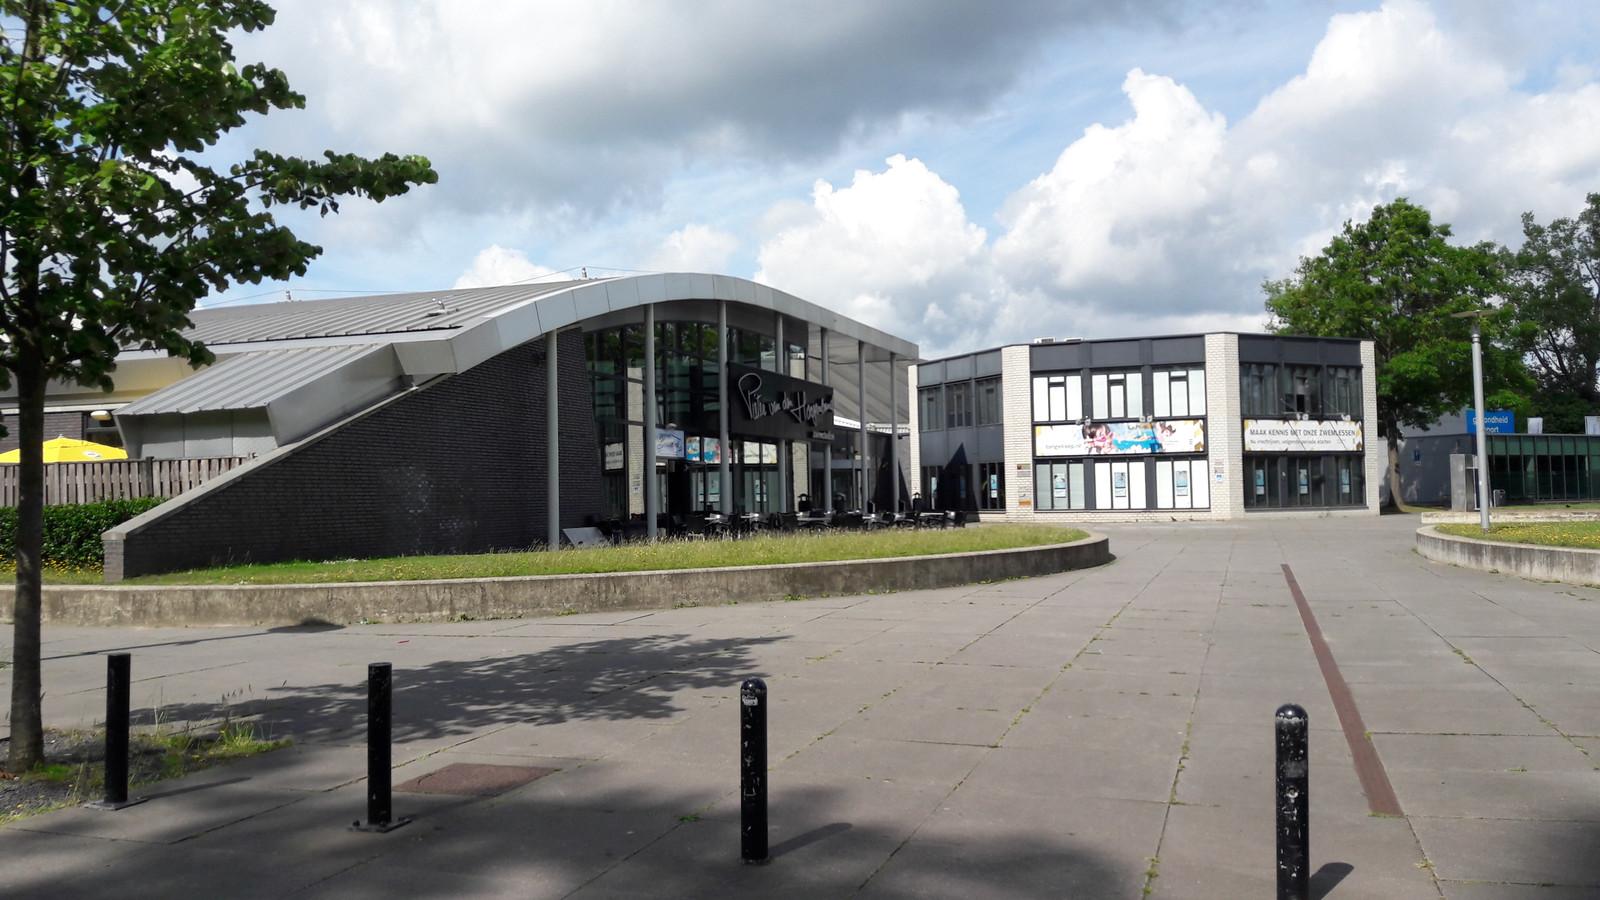 Zwembad de Tongelreep in de Genneper Parken in Eindhoven.